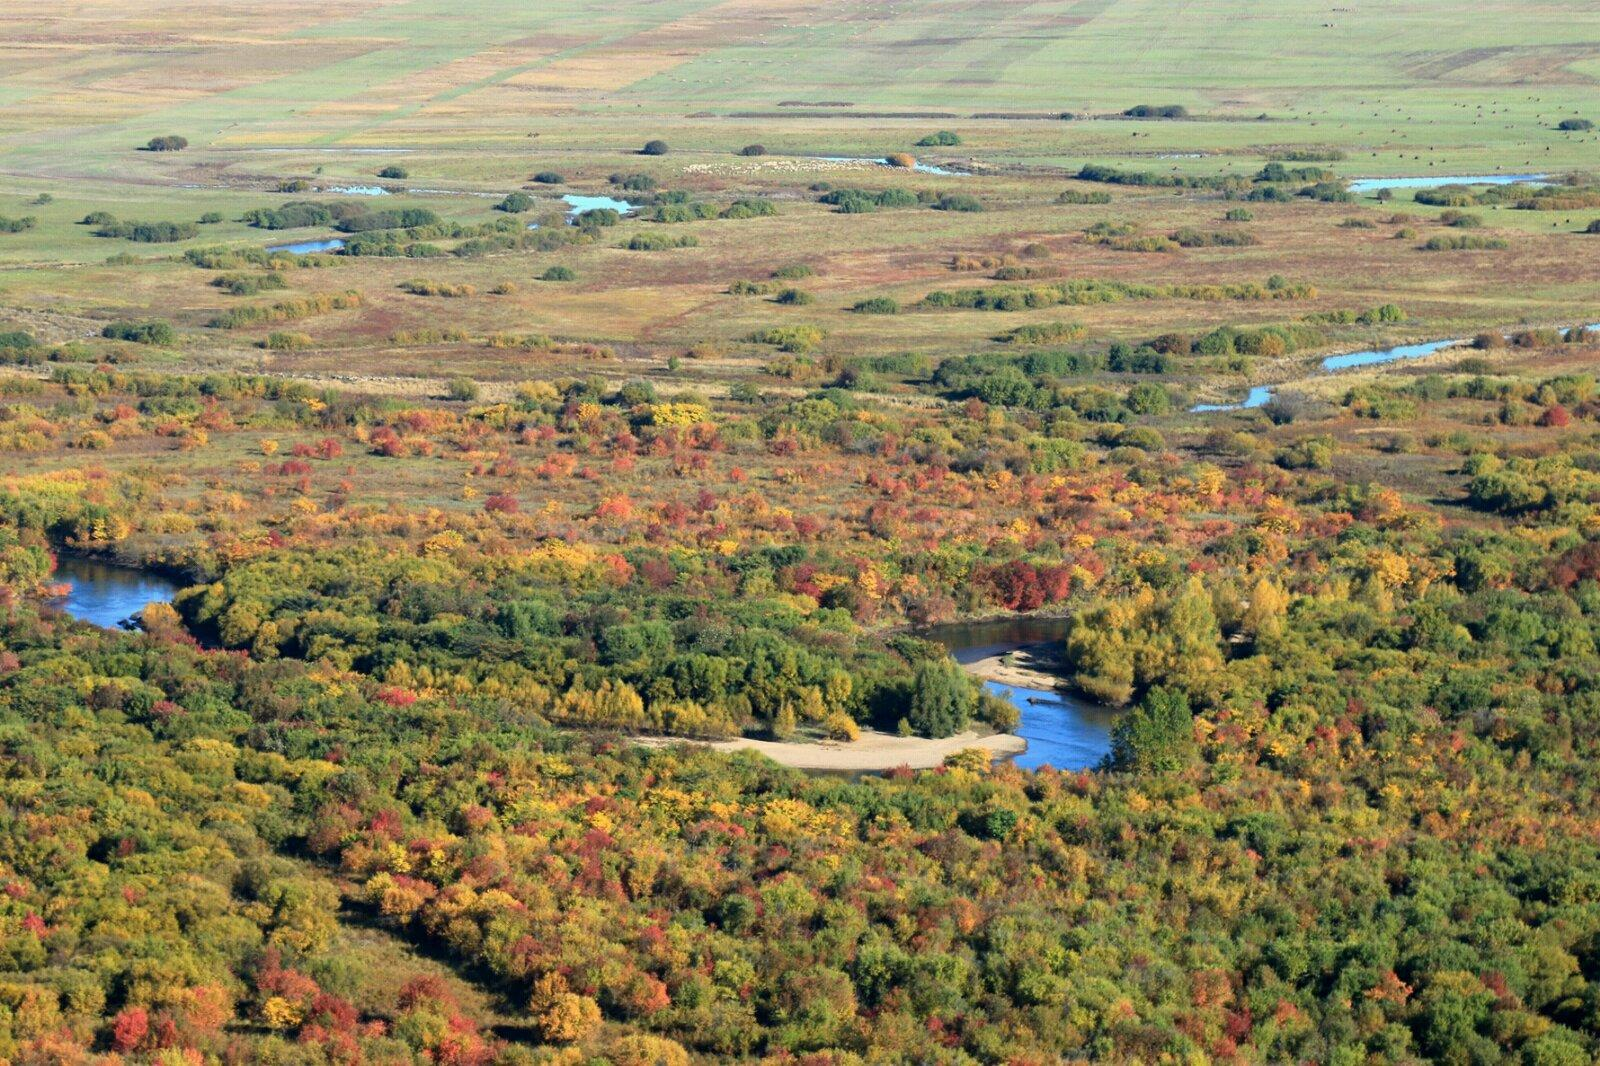 湿地涵盖了额尔古纳除原始森林外几乎所有类型的自然生态系统.图片